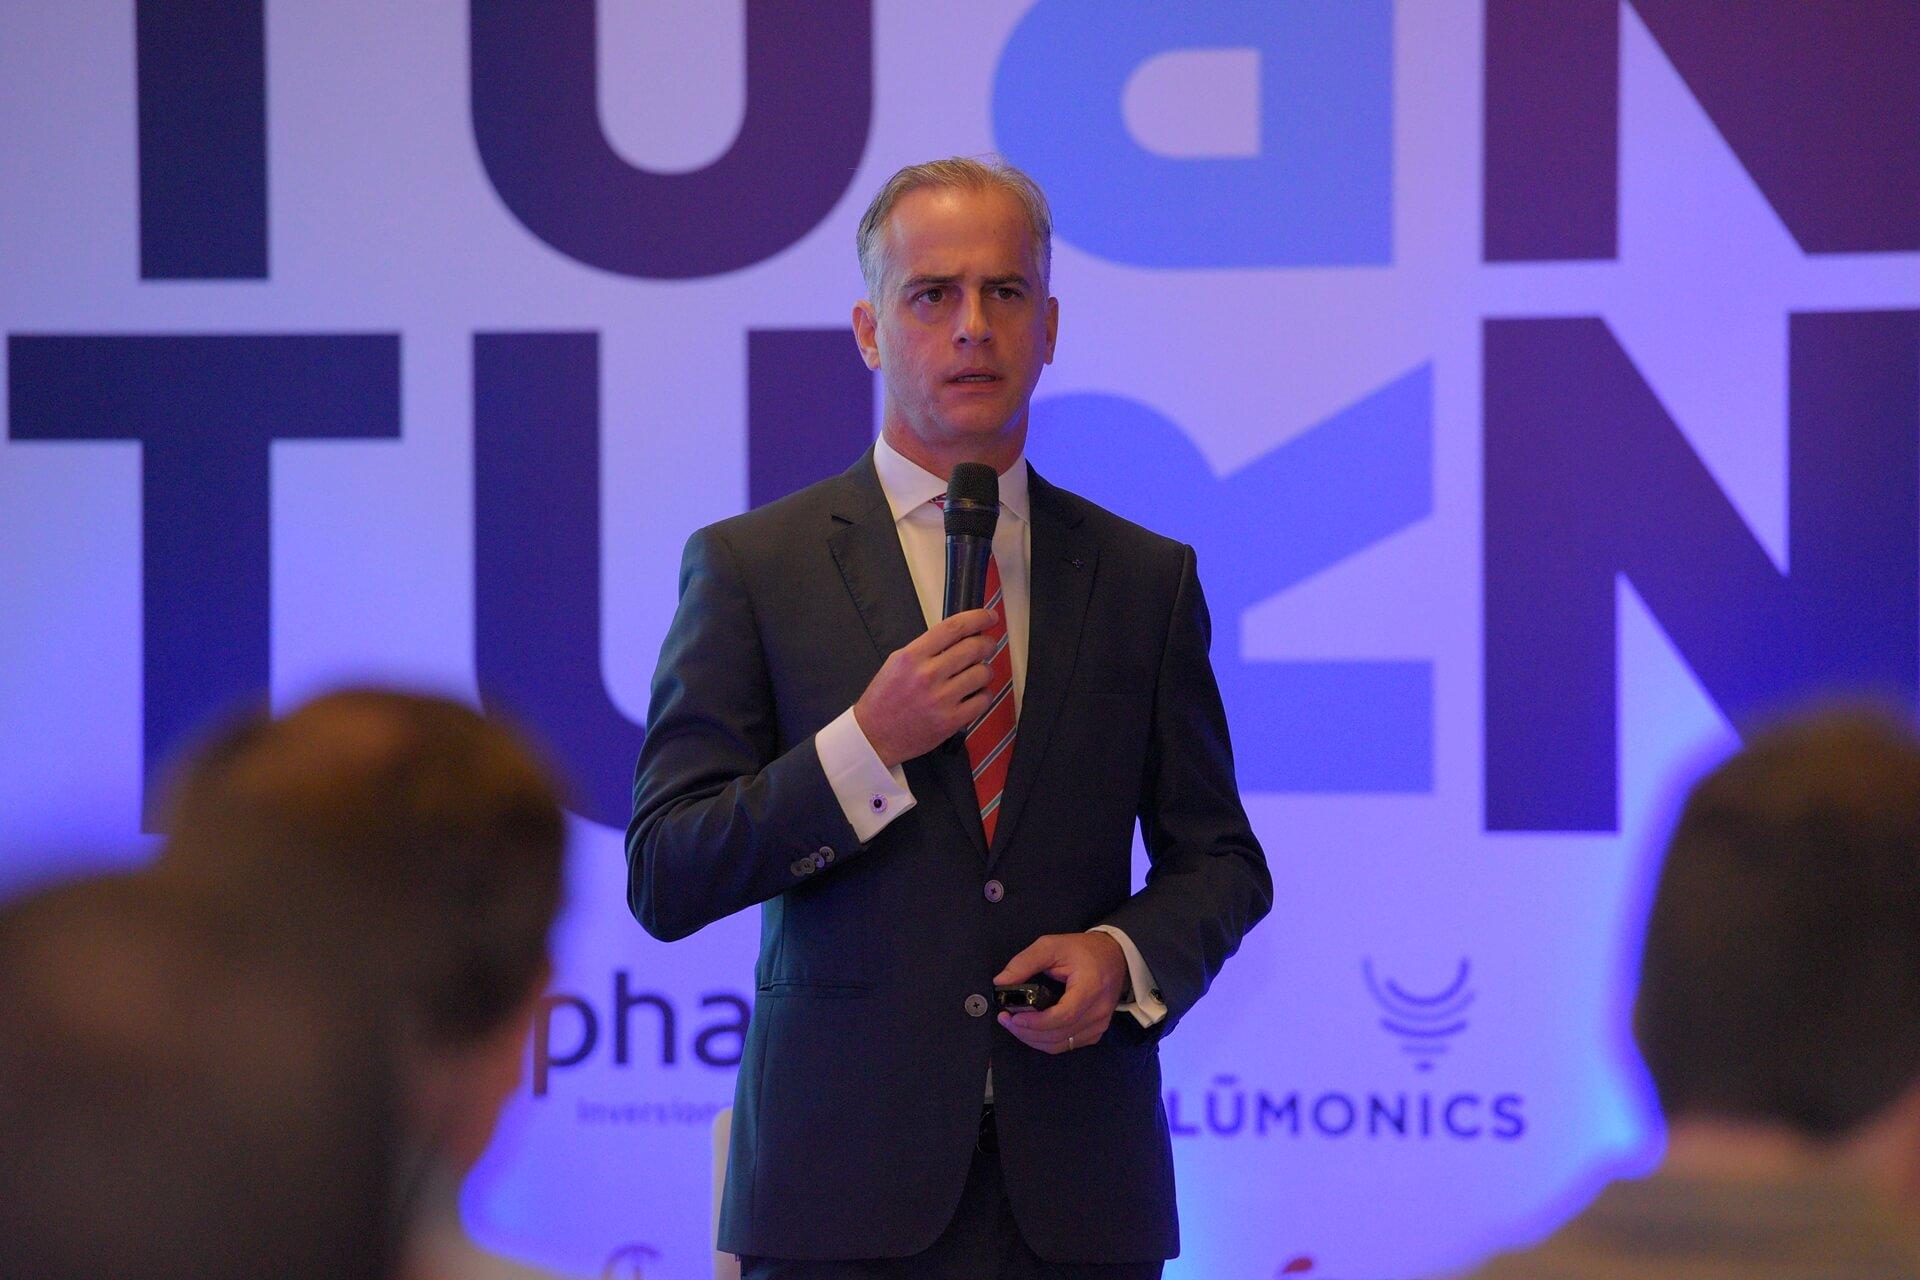 Evento TURN llama a una transición en el liderazgo que requiere la República Dominicana